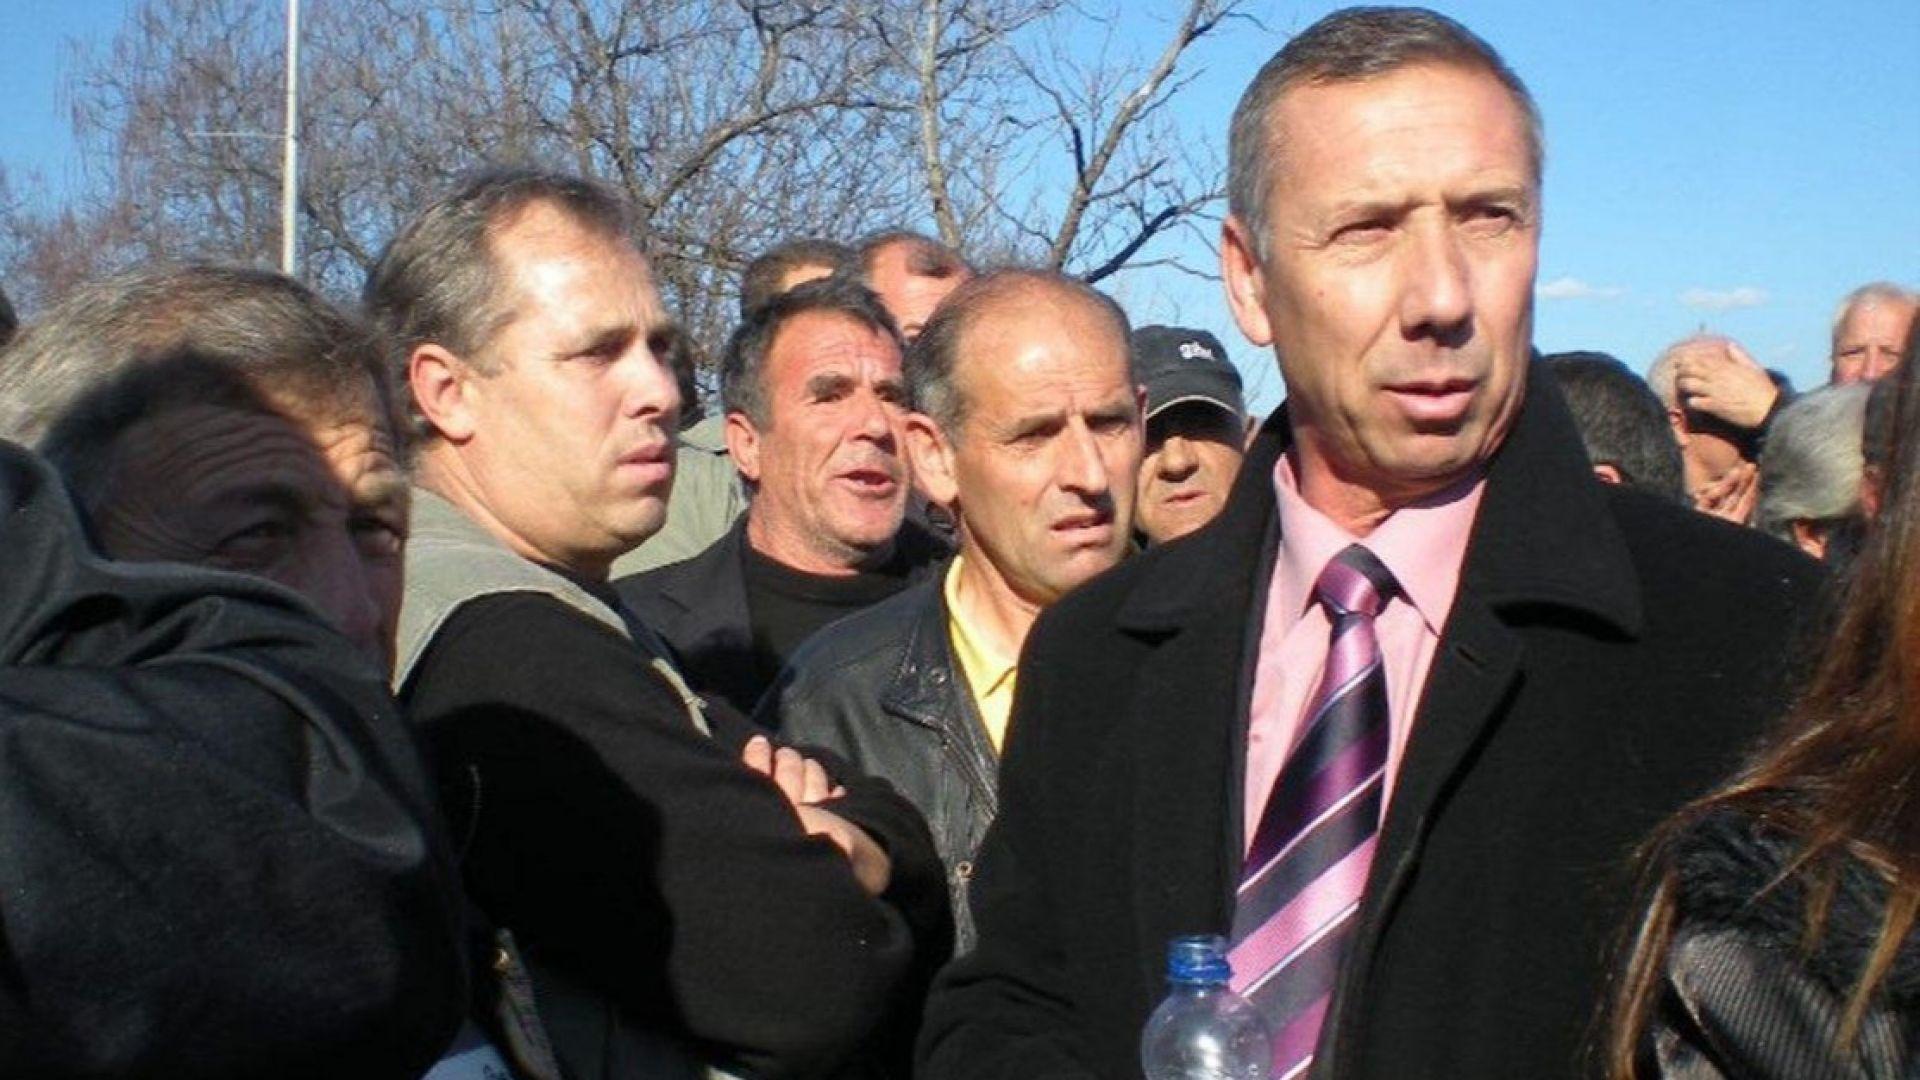 Освободиха Ахмед Башев от следствения арест